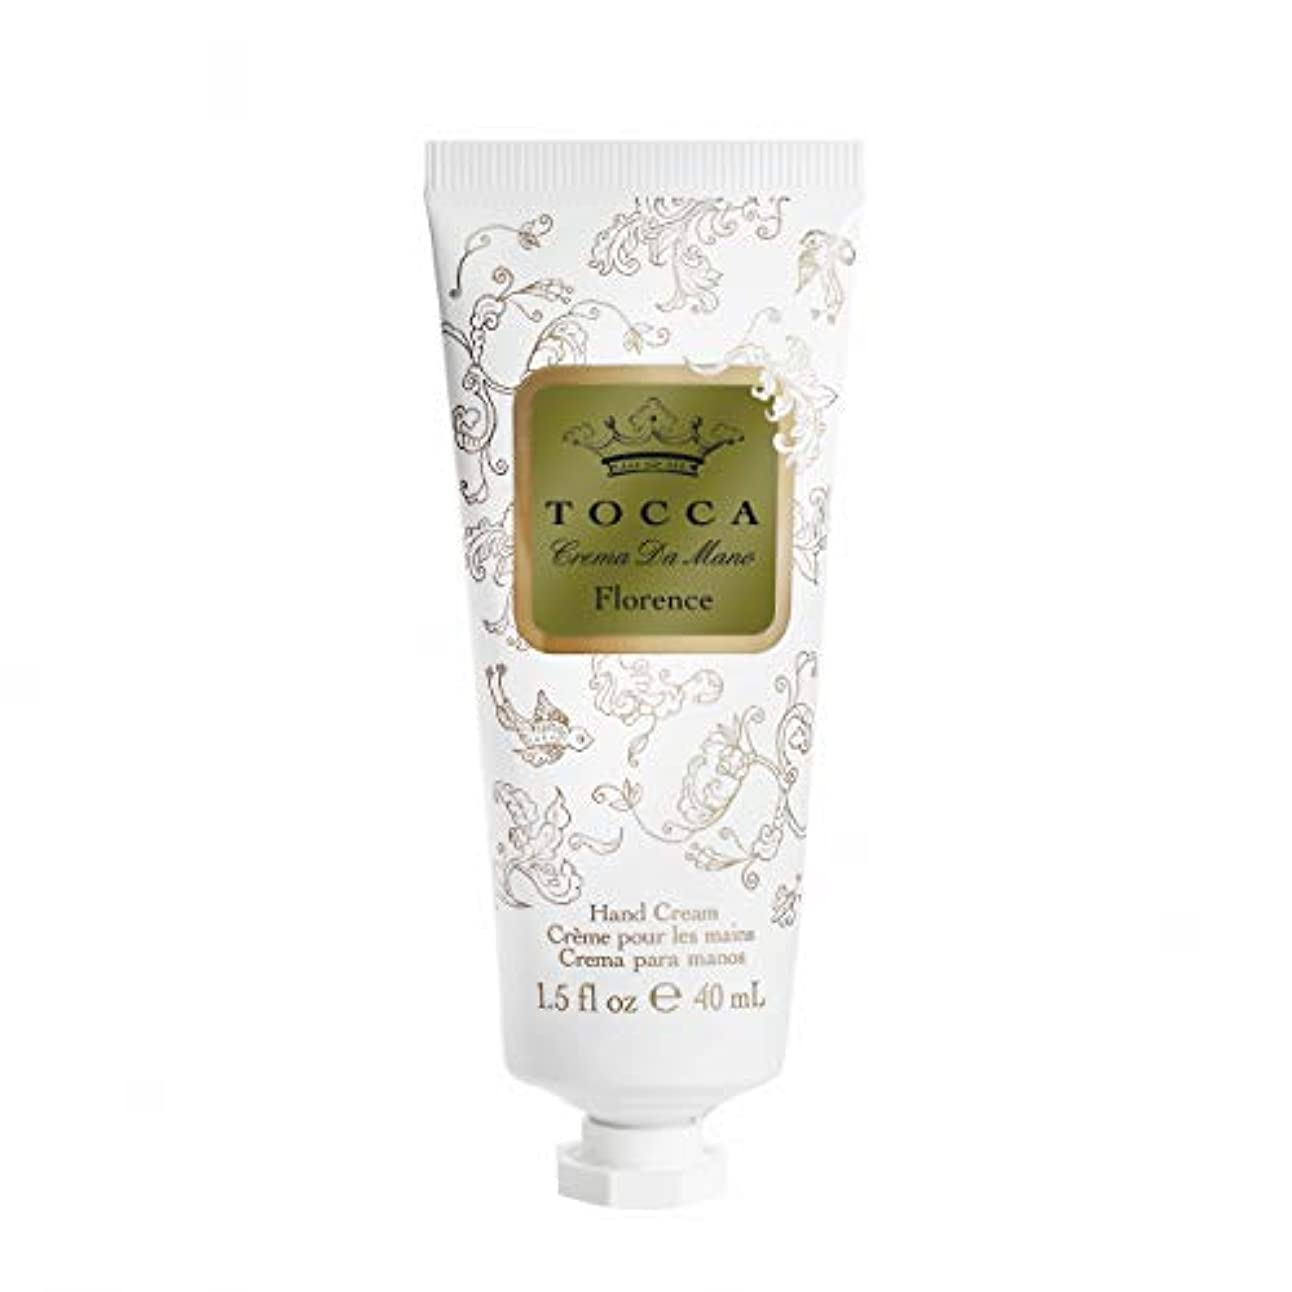 ミネラルクライストチャーチ逃れるトッカ(TOCCA) ハンドクリーム フローレンスの香り 40mL (ガーデニアとベルガモットが誘うように溶け合うどこまでも上品なフローラルの香り)